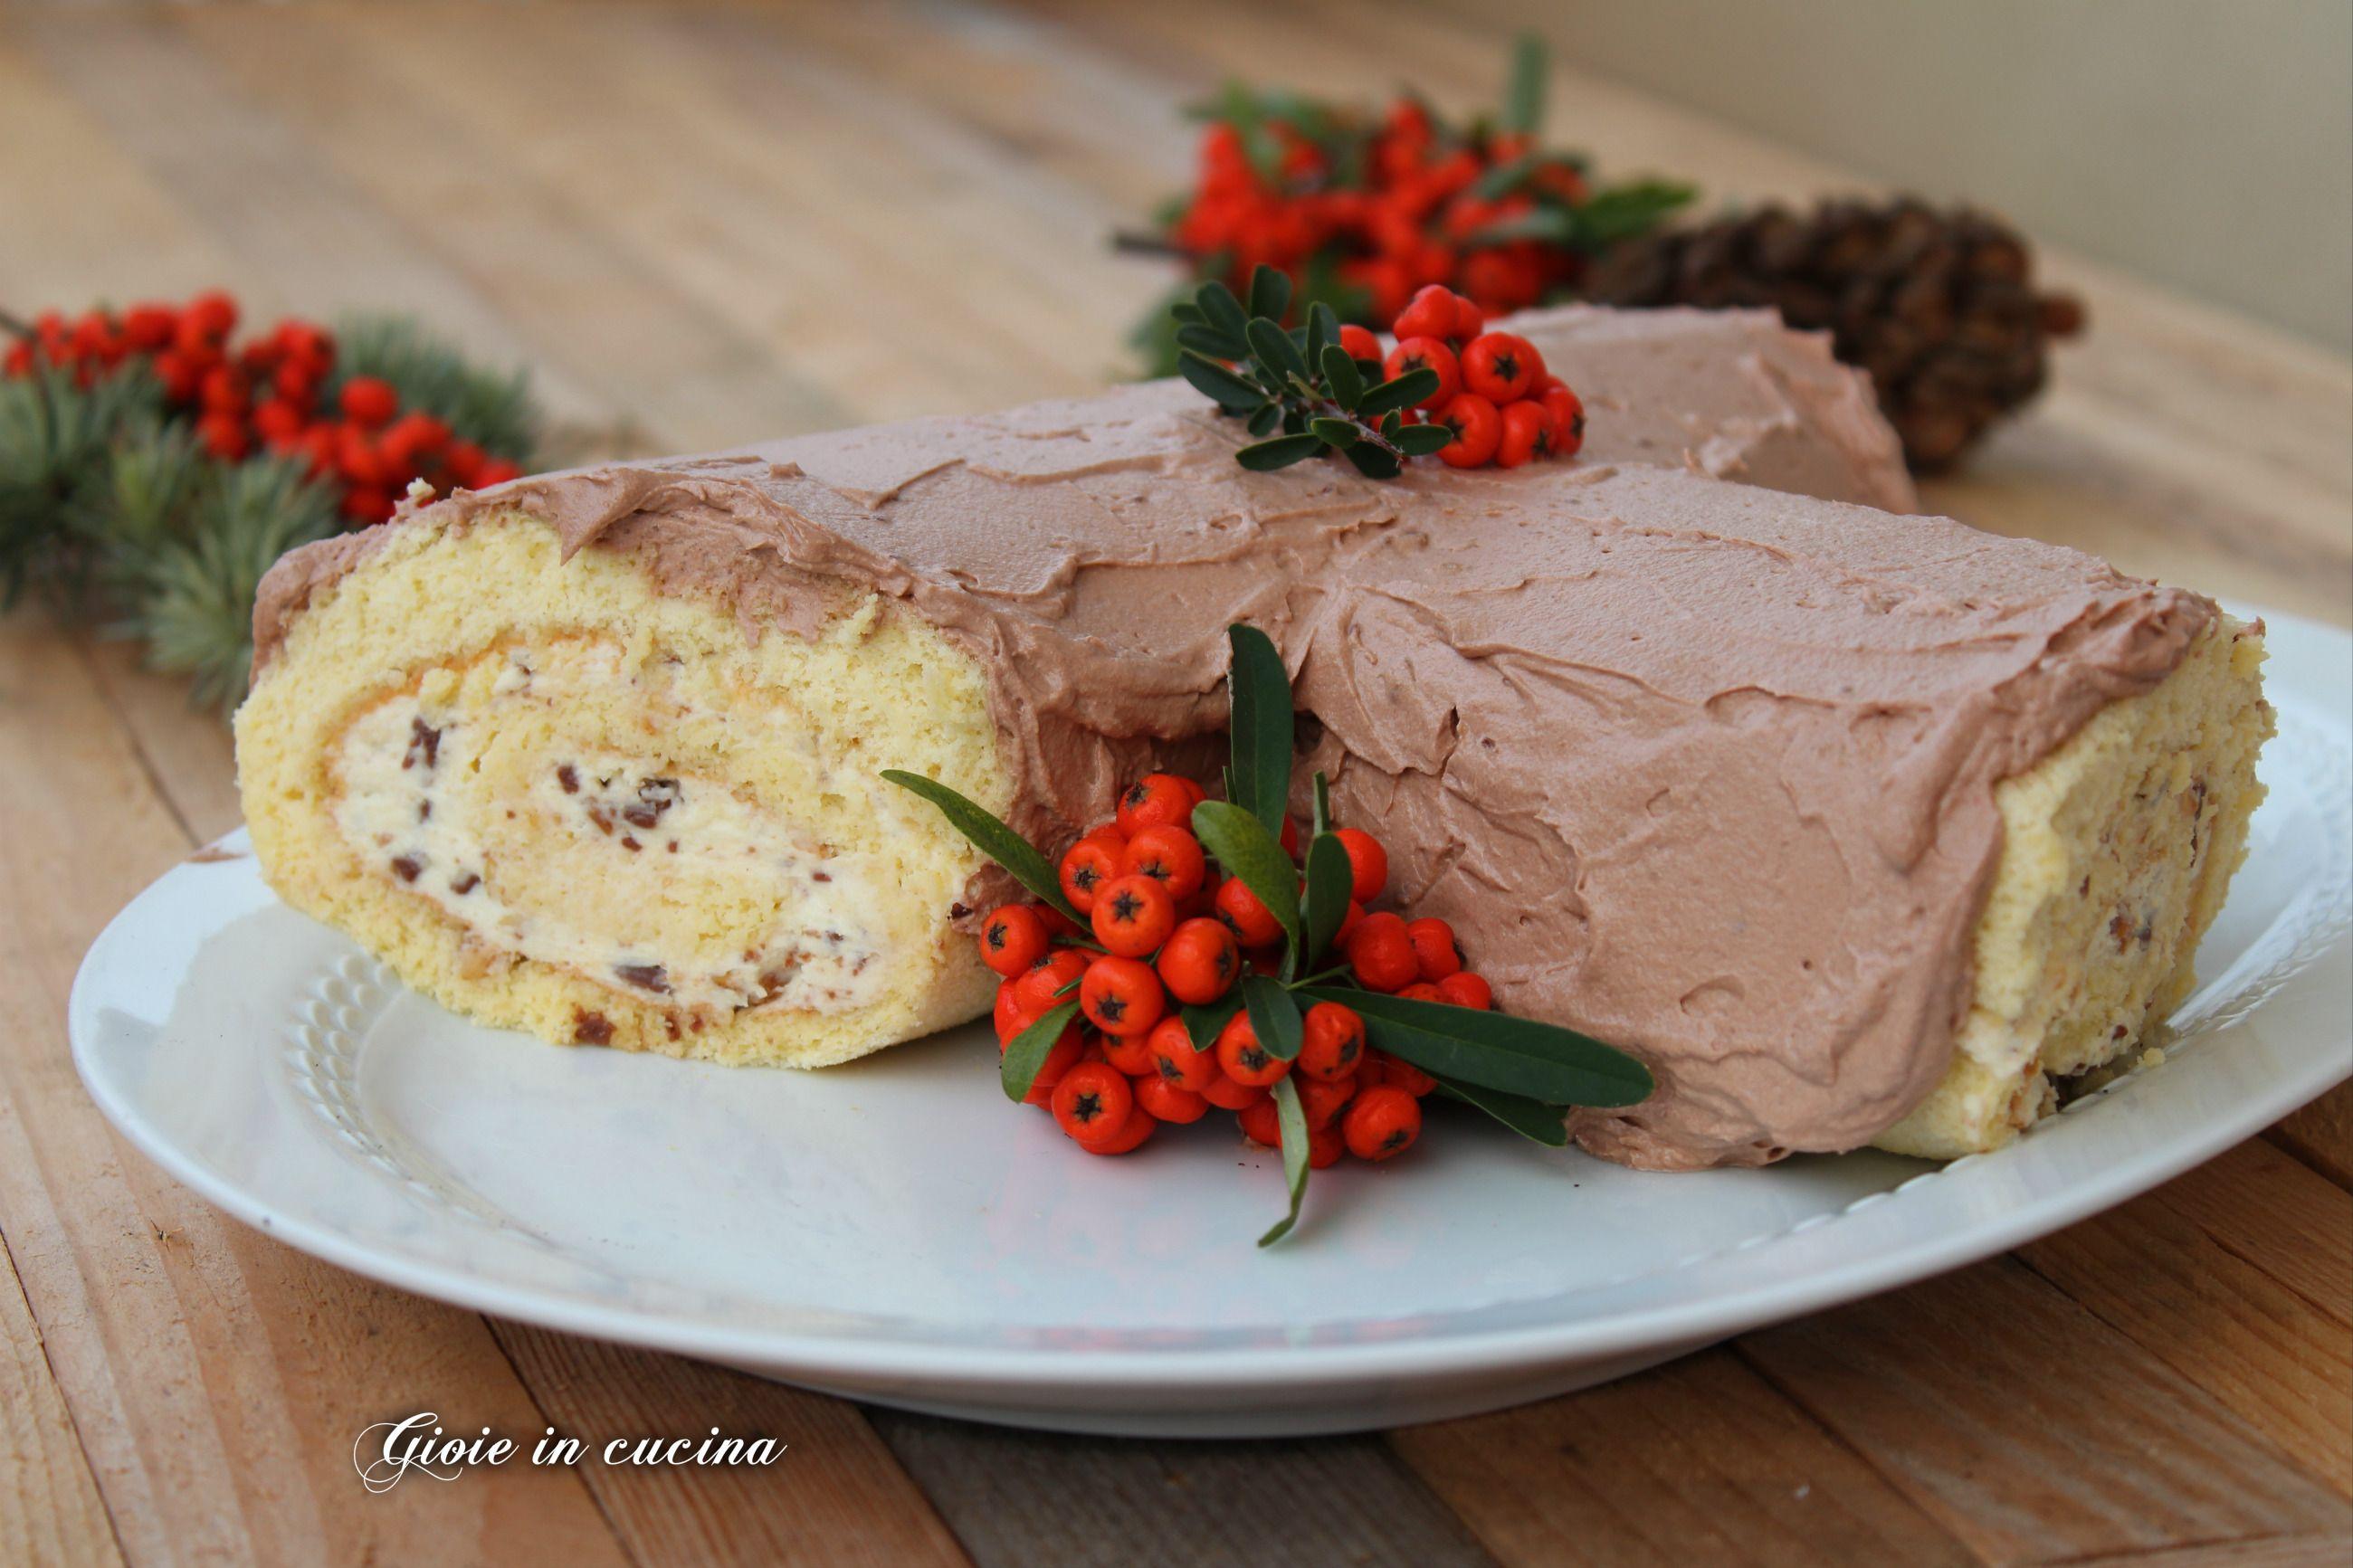 Buon Natale Con Il Torrone.Tronchetto Di Natale Con Crema Al Torrone Christmas